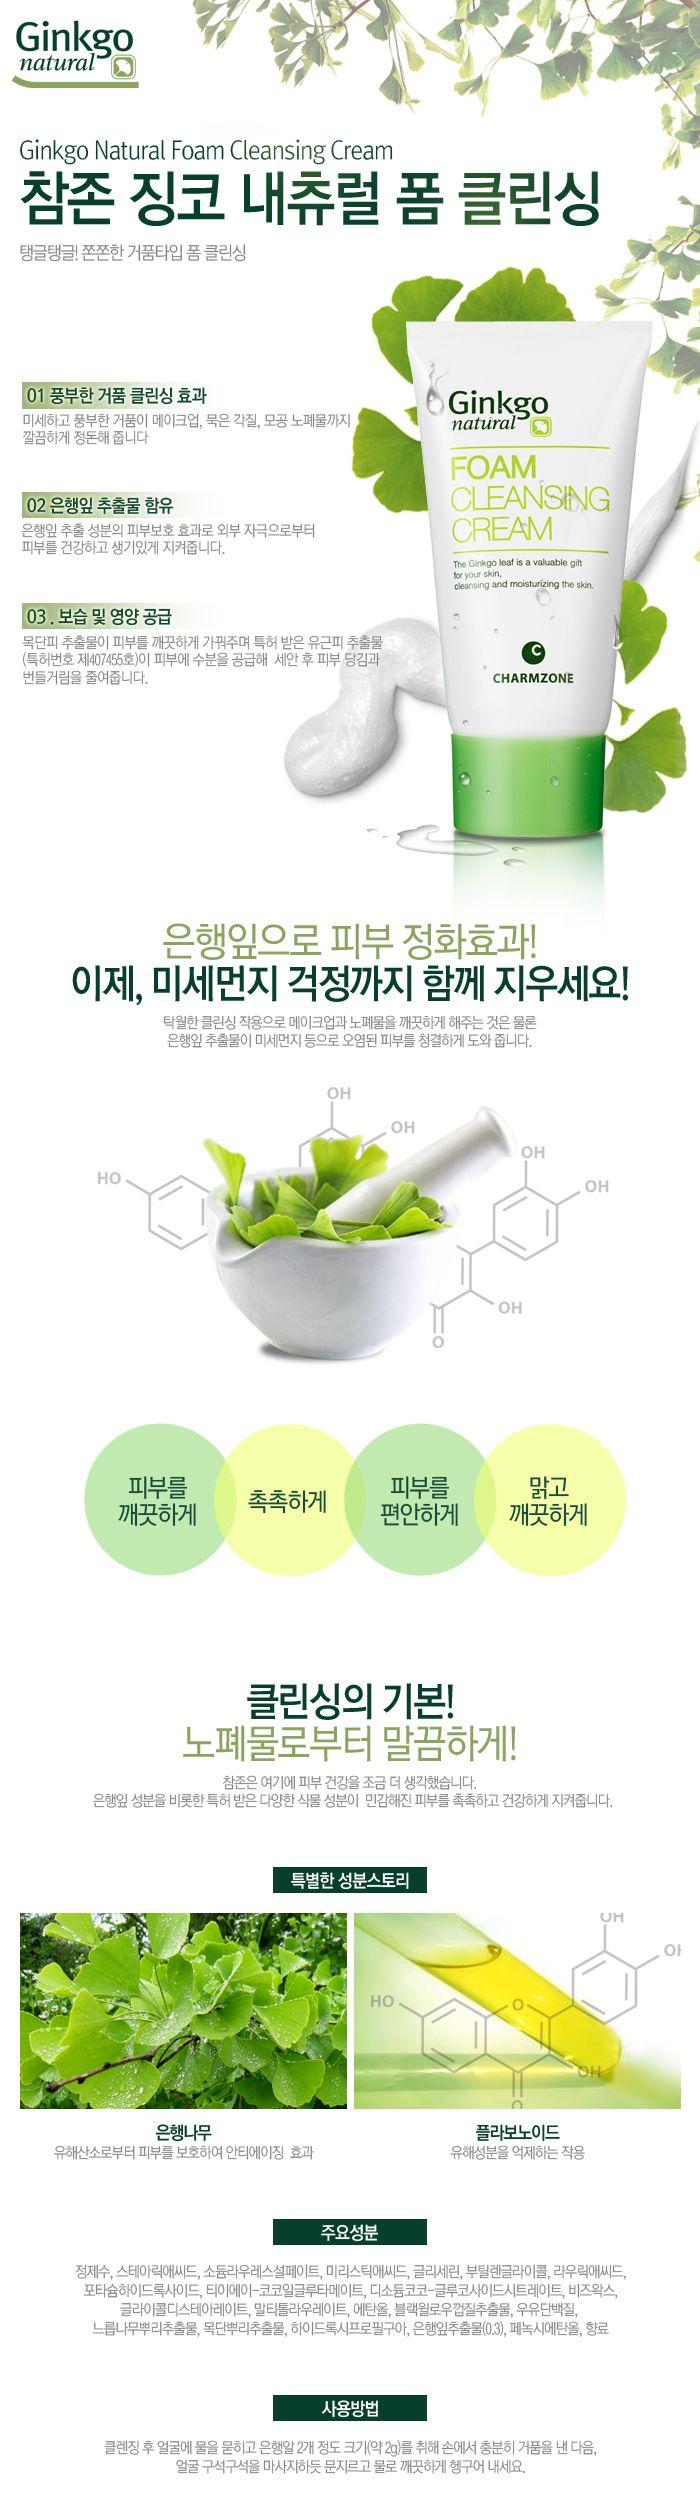 참존 징코 내츄럴 라인 - 클렌징폼/티슈/크림/워터 상세페이지제작